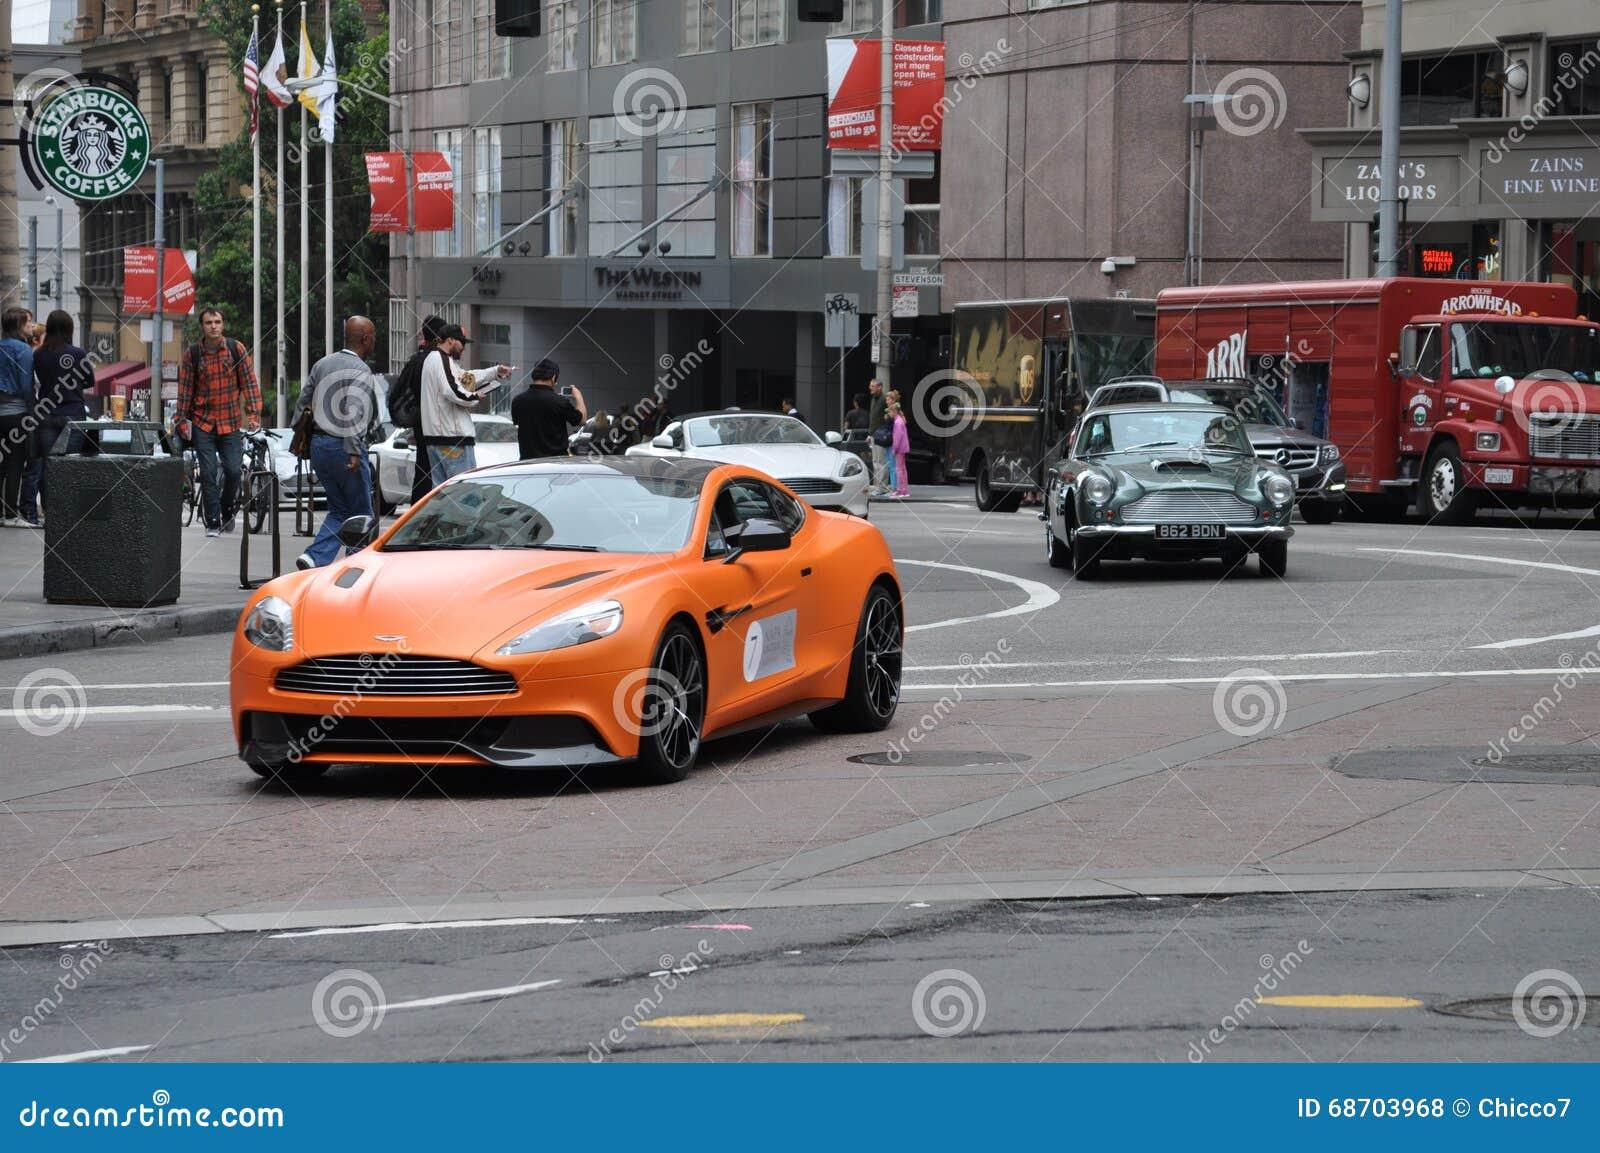 Aston Martin Parade In San Francisco Editorial Stock Photo ... | aston martin san francisco